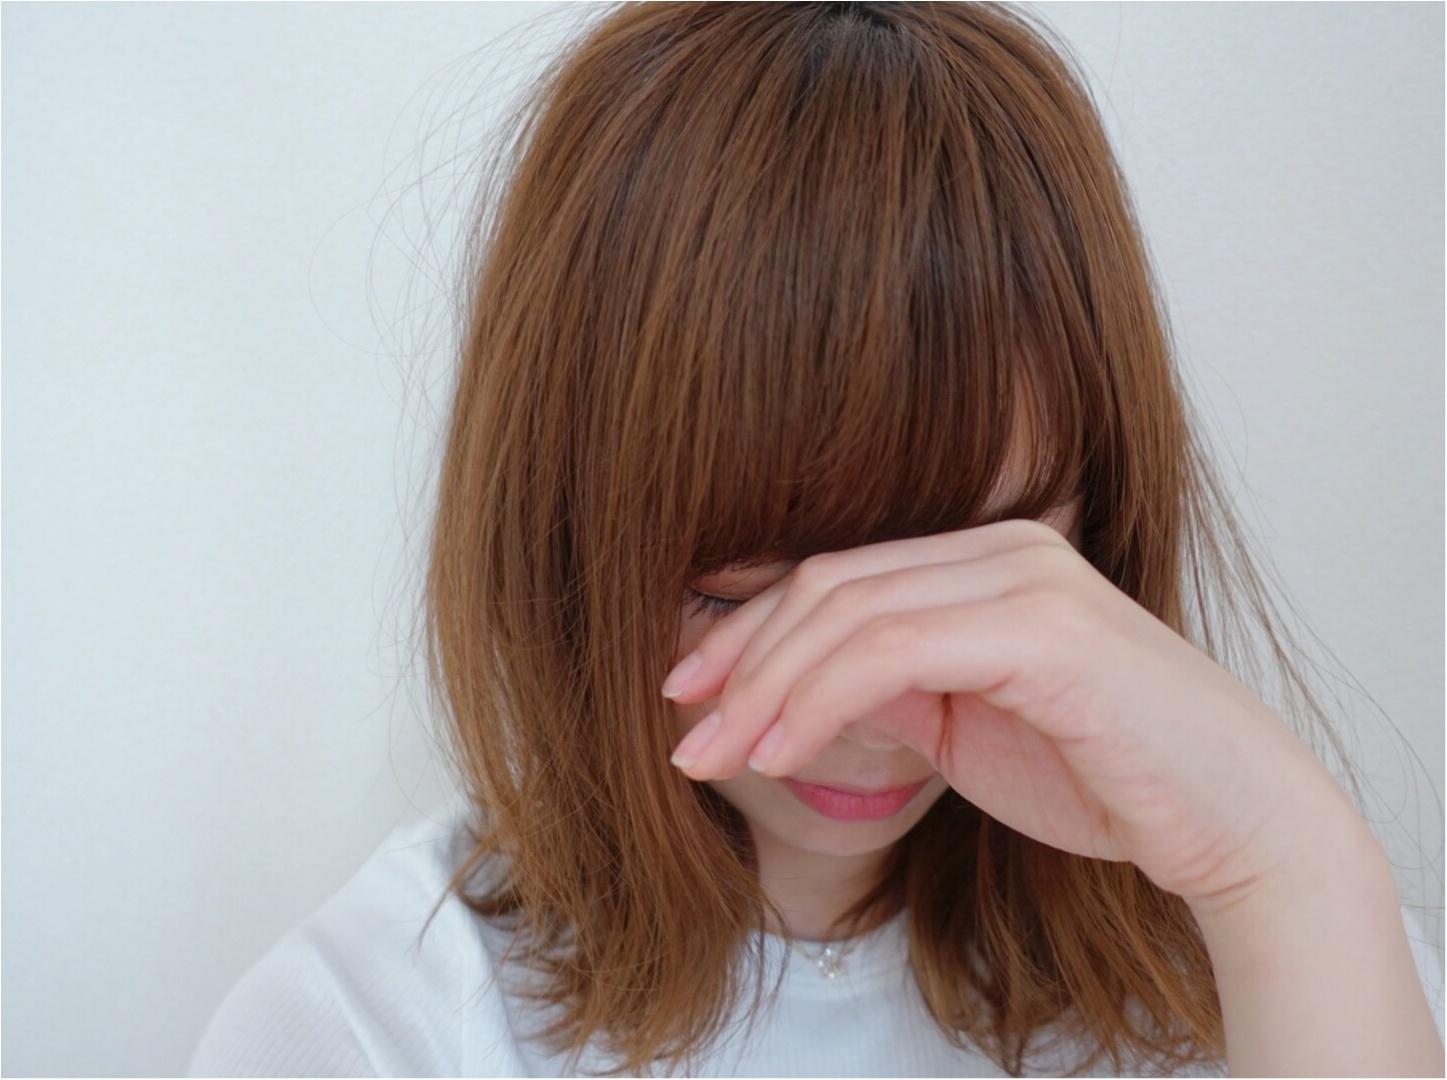 ★夏に向けて【原宿 k.e.y 】でヘアチェンジ!そして前髪伸ばし中!!_2